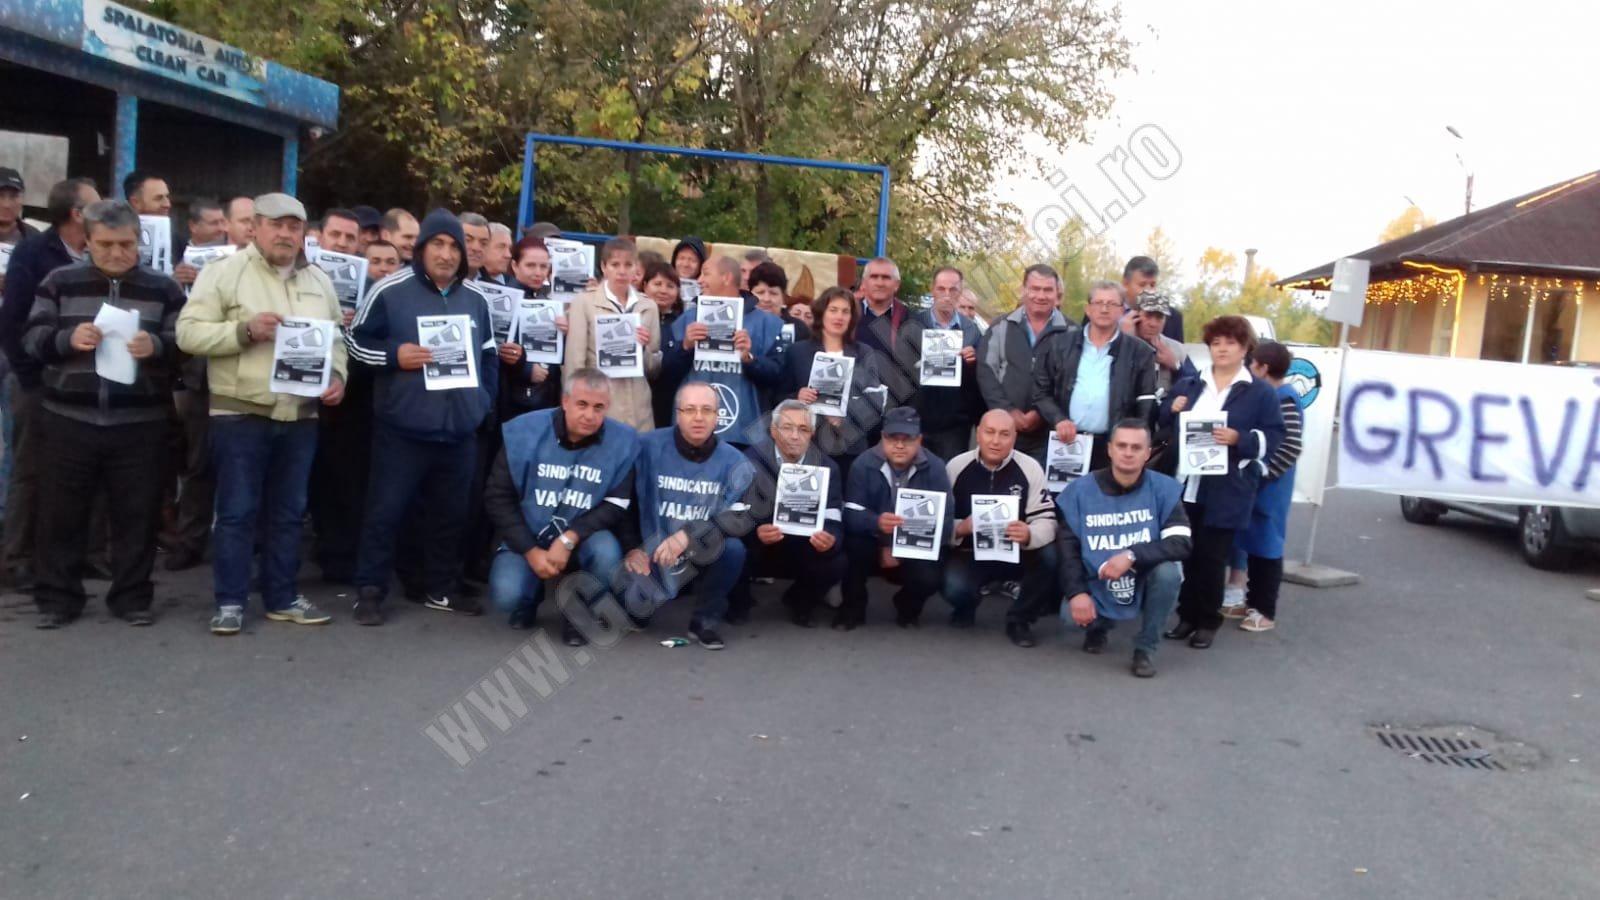 TÂRGOVIȘTE: Sindicatul Valahia anunță încetarea grevei în transportul public. Mașinile revin pe trasee